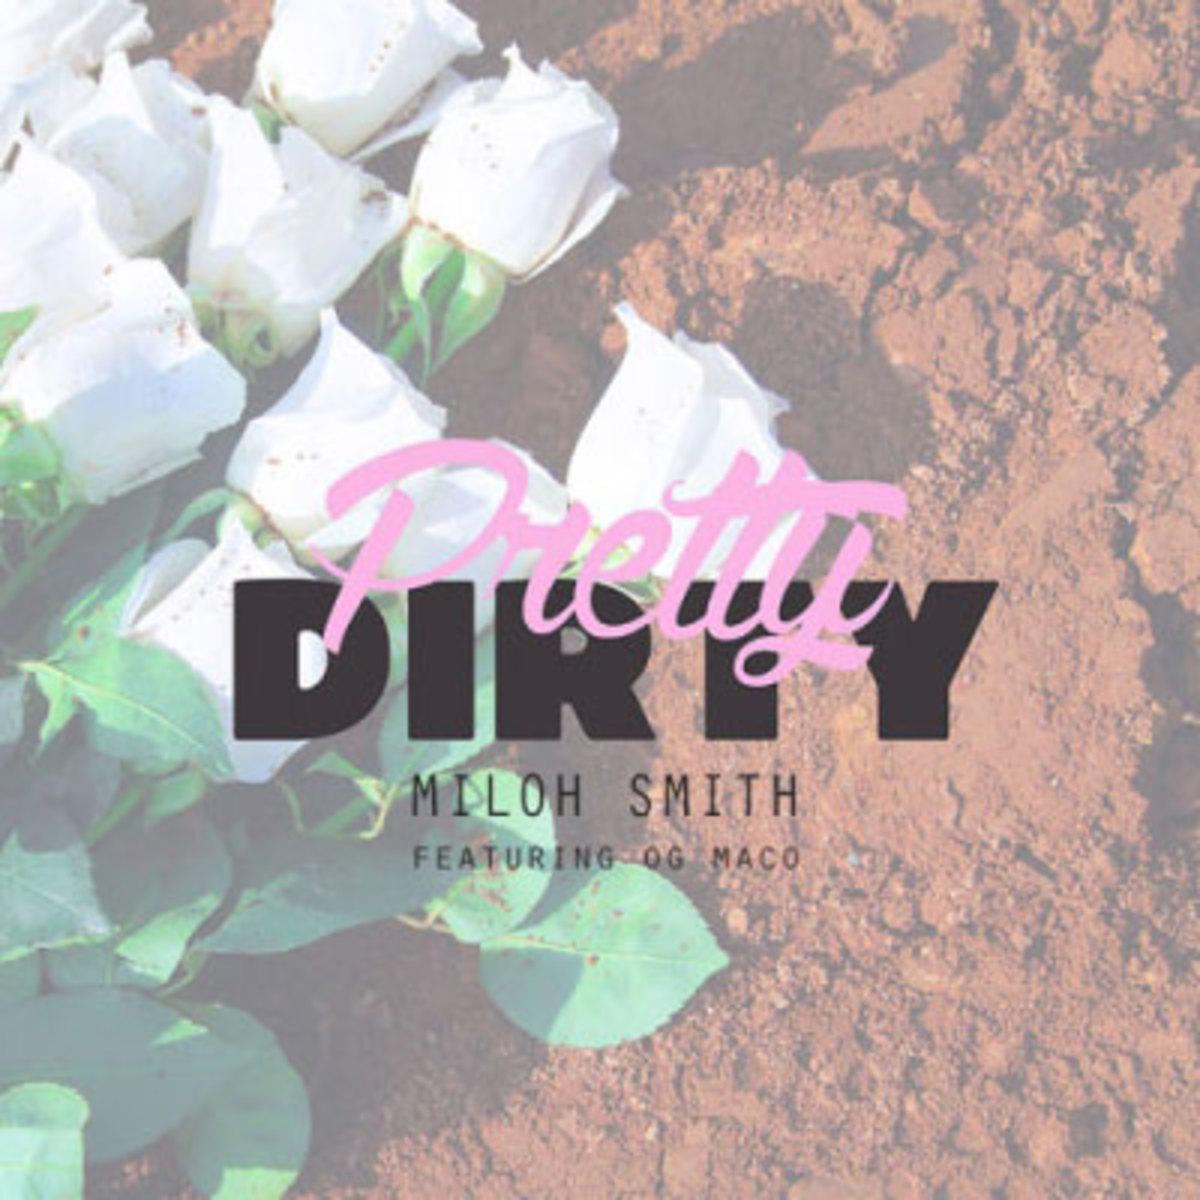 miloh-smith-pretty-dirty.jpg